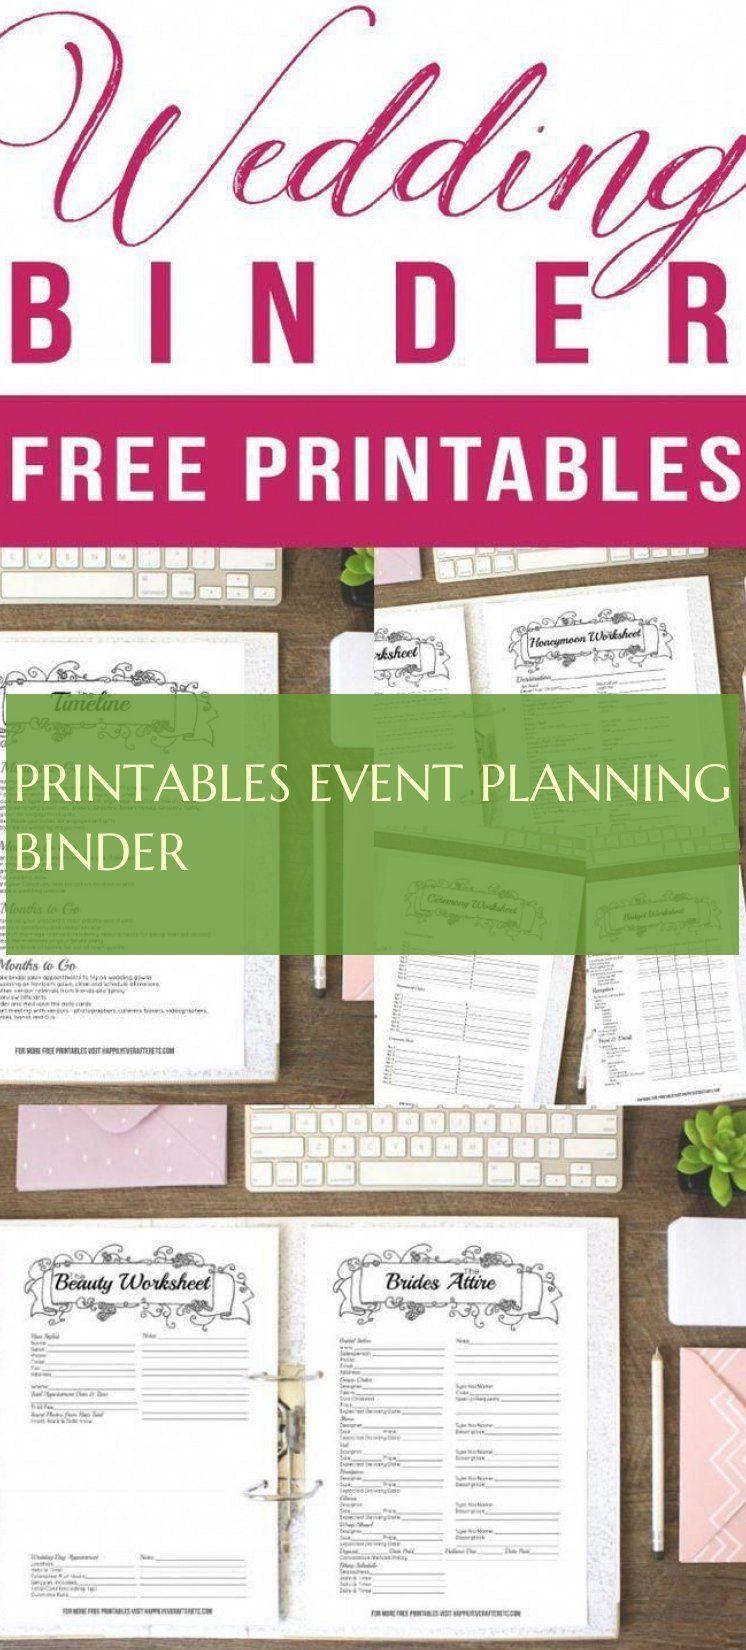 Printables Event Planning Binder Printables Ereignisplanungsmappe